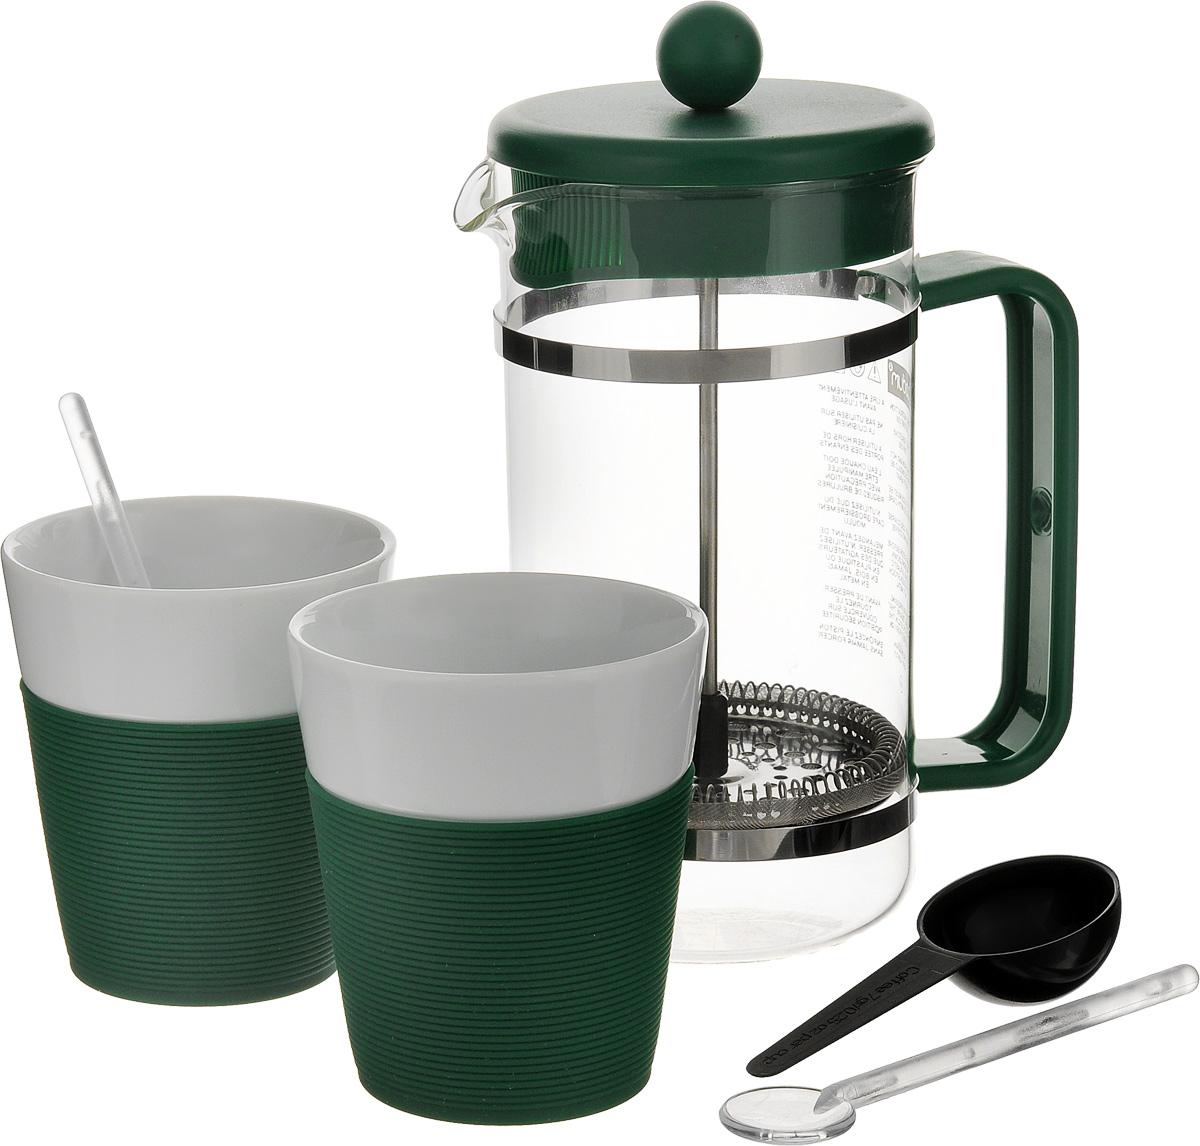 """Набор кофейный Bodum """"Bistro"""", цвет: зеленый, белый, 5 предметов. AK1508-XY-Y15 AK1508-XY-Y15_зеленый"""